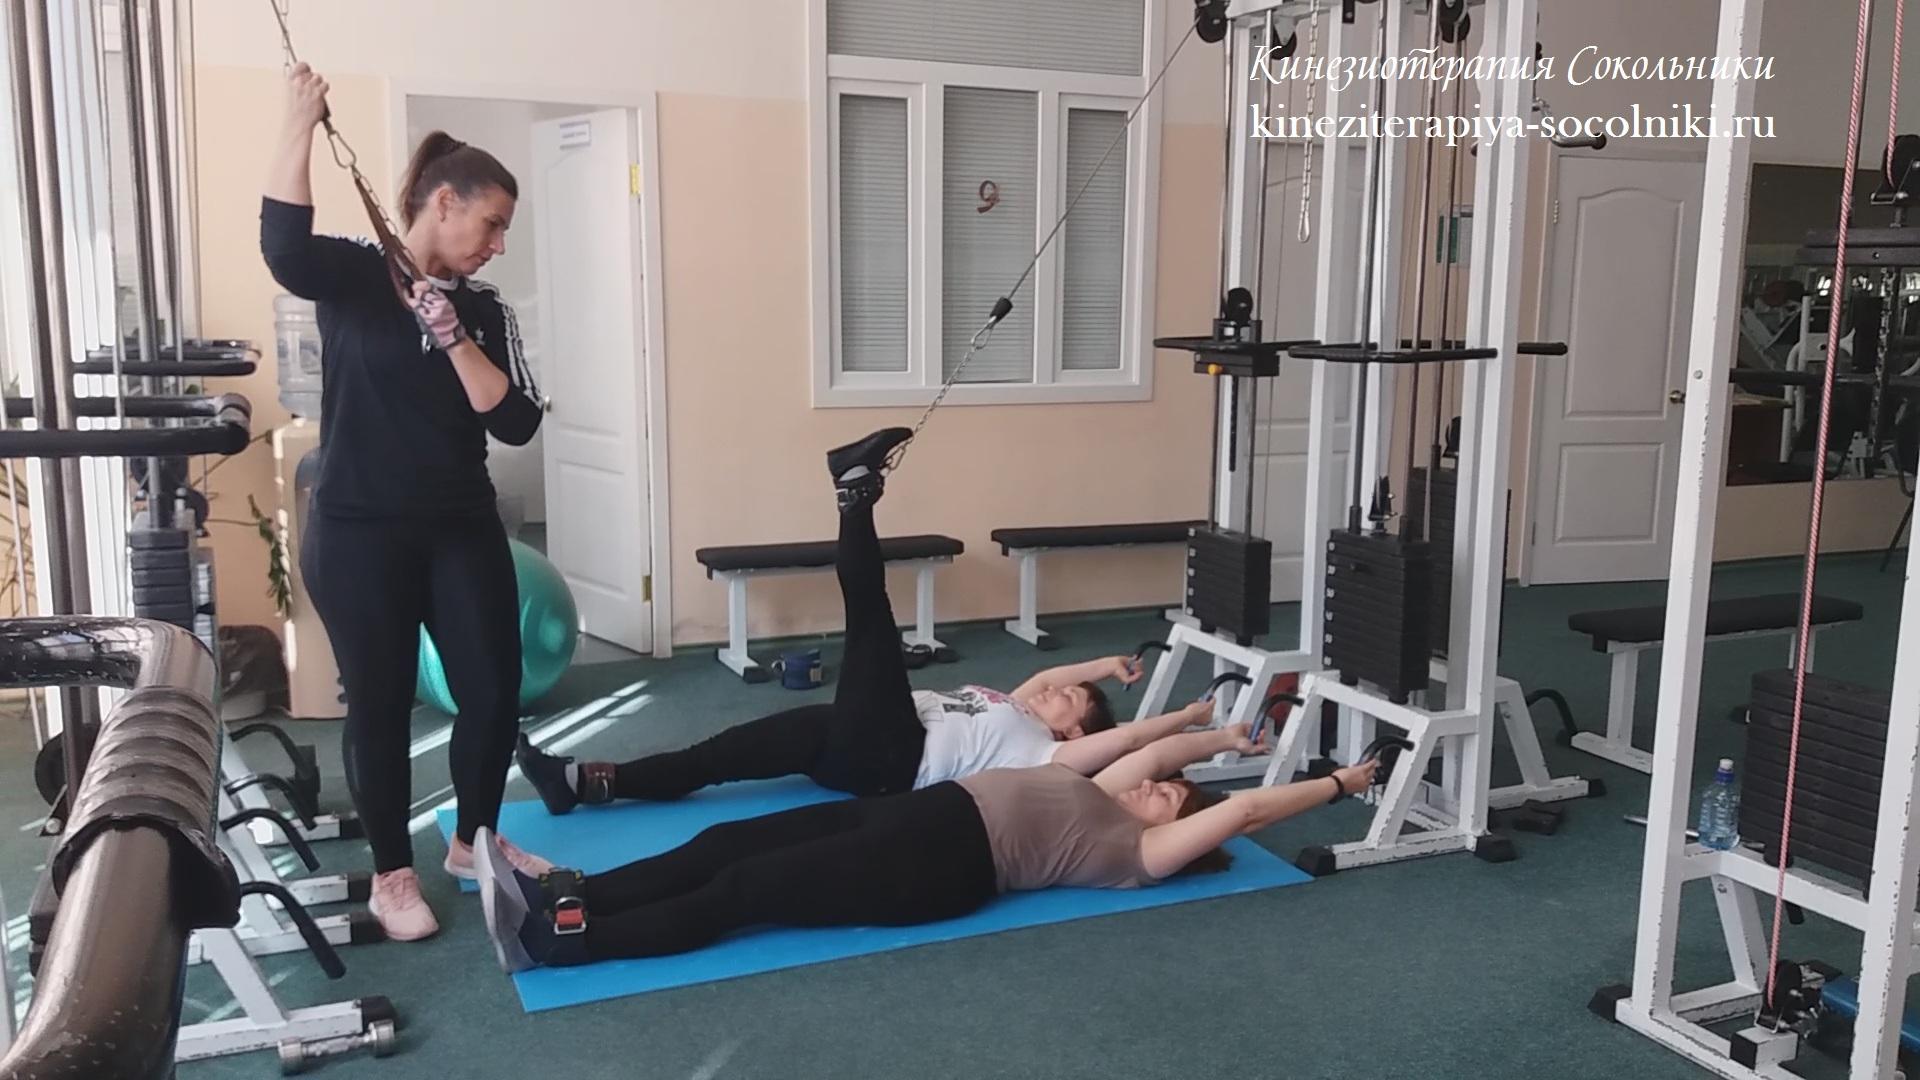 Кинезитерапия упражнения. Оздоровительный центр кинезиотерапии и реабилитации в парке Сокольники в Москве.